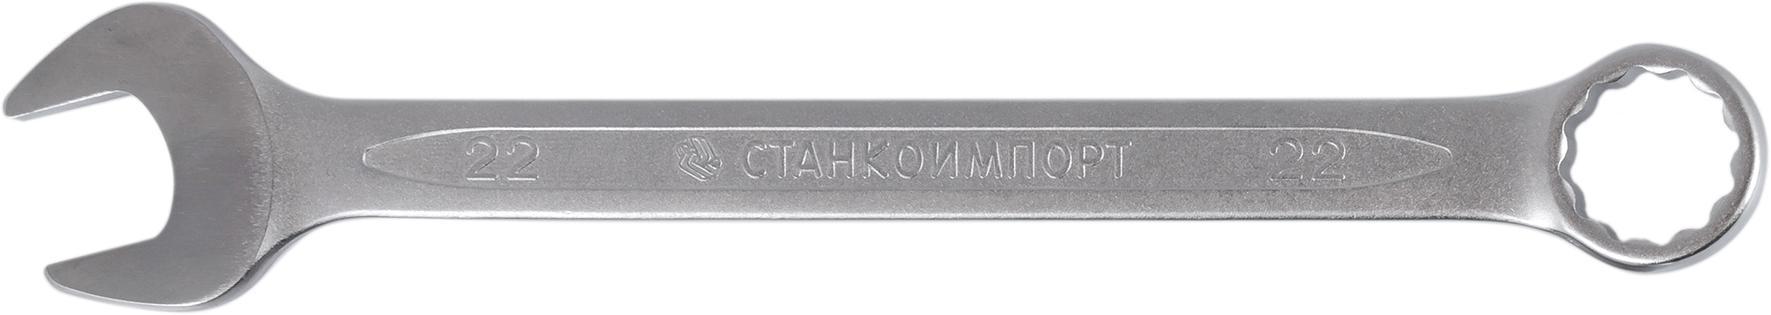 Купить Ключ СТАНКОИМПОРТ КК.11.30.М48.